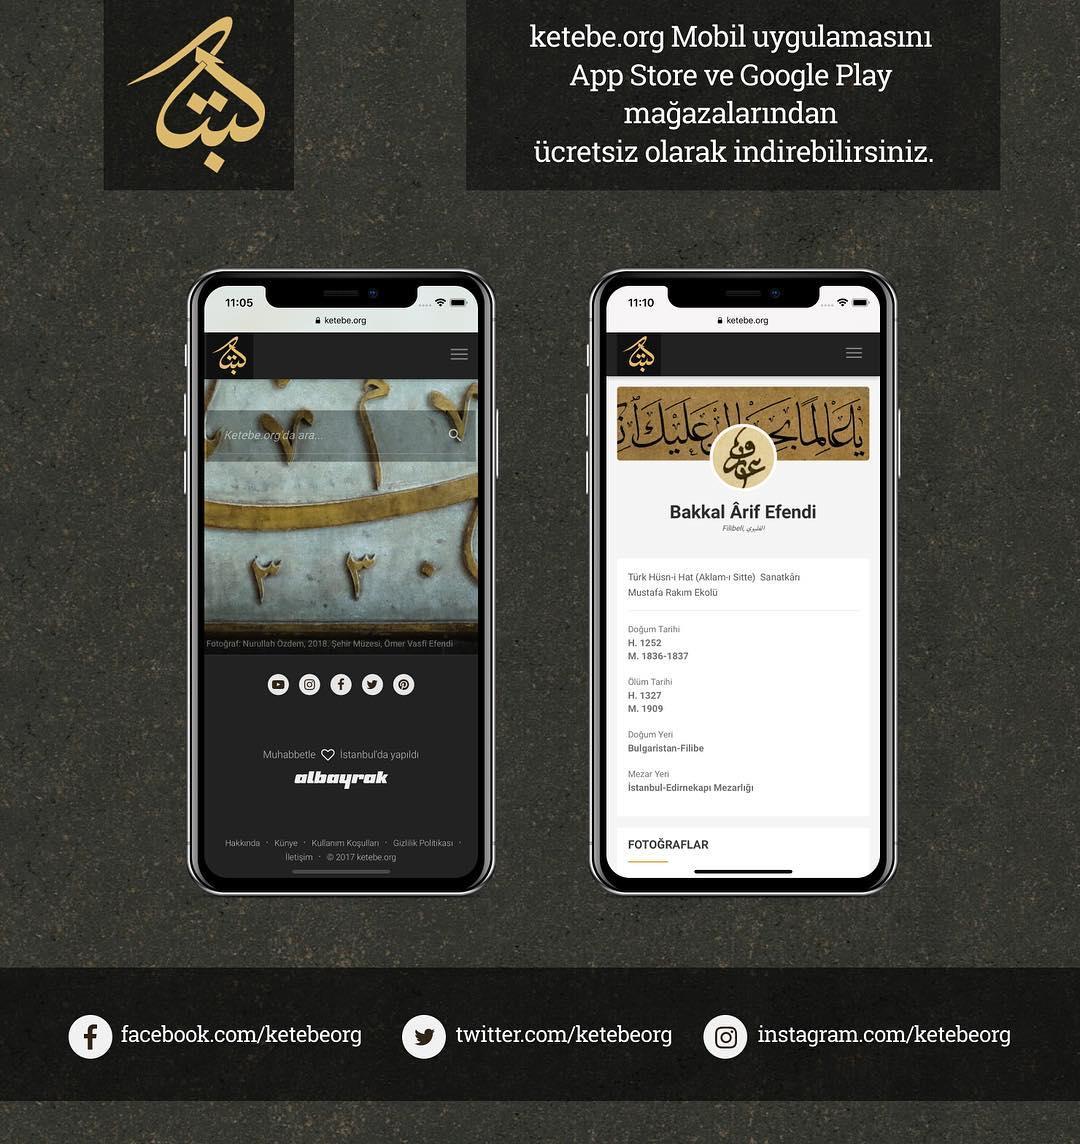 Apk Website For Arabic Calligraphy ketebe.org mobil uygulamasını App Store ve Google Play mağazalarından ücretsiz o... 192 1